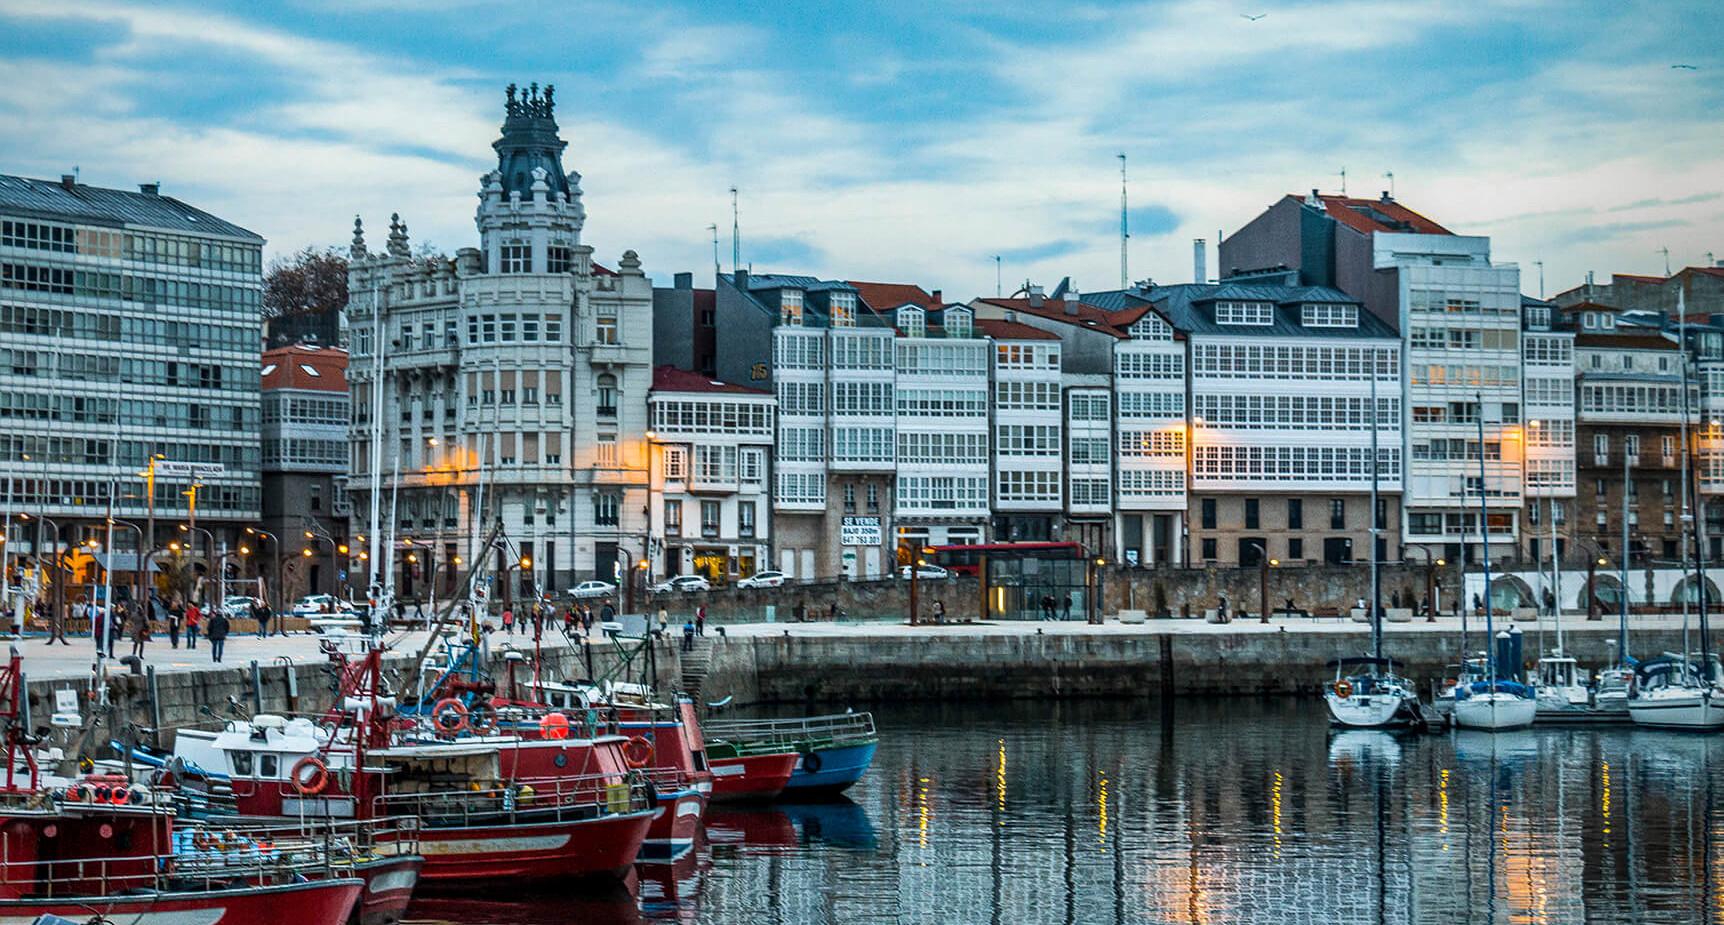 Spain - La Coruña Harbor